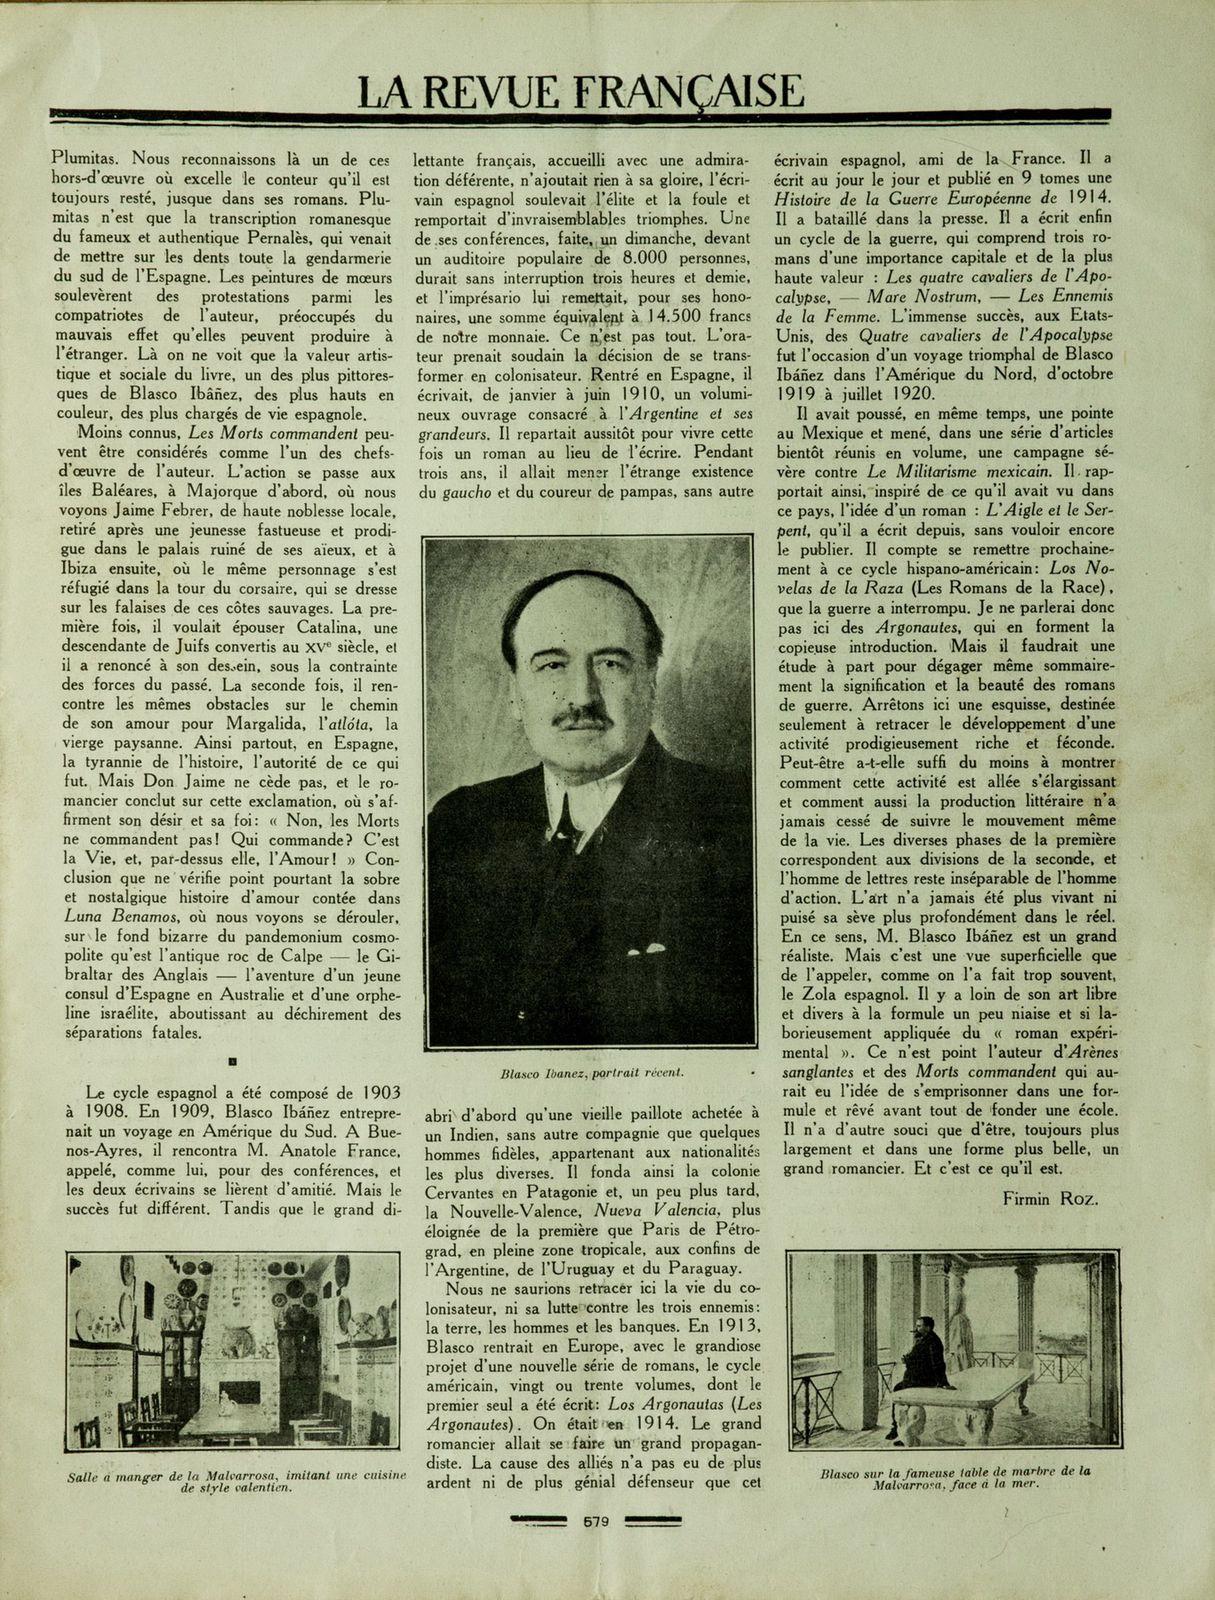 Vicente Blasco Ibañez : La Revue Française du 18 septembre 1921 (Source : Archives Alain Bertin)